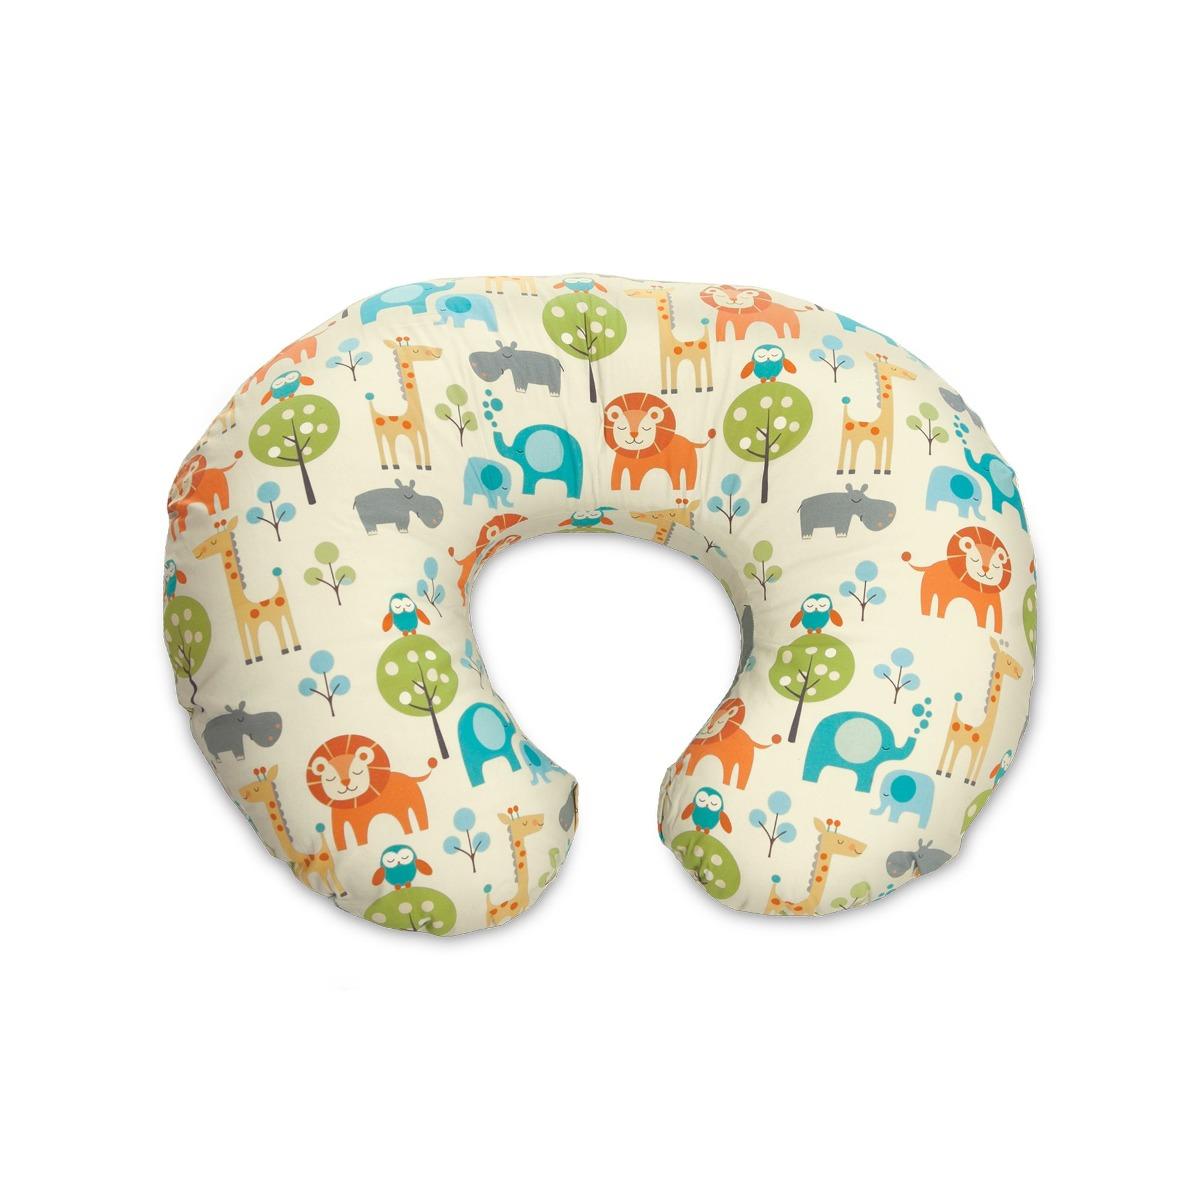 Boppy Nursing Pillow And Positioner Peaceful Jungle 260 900 En Mercado Libre